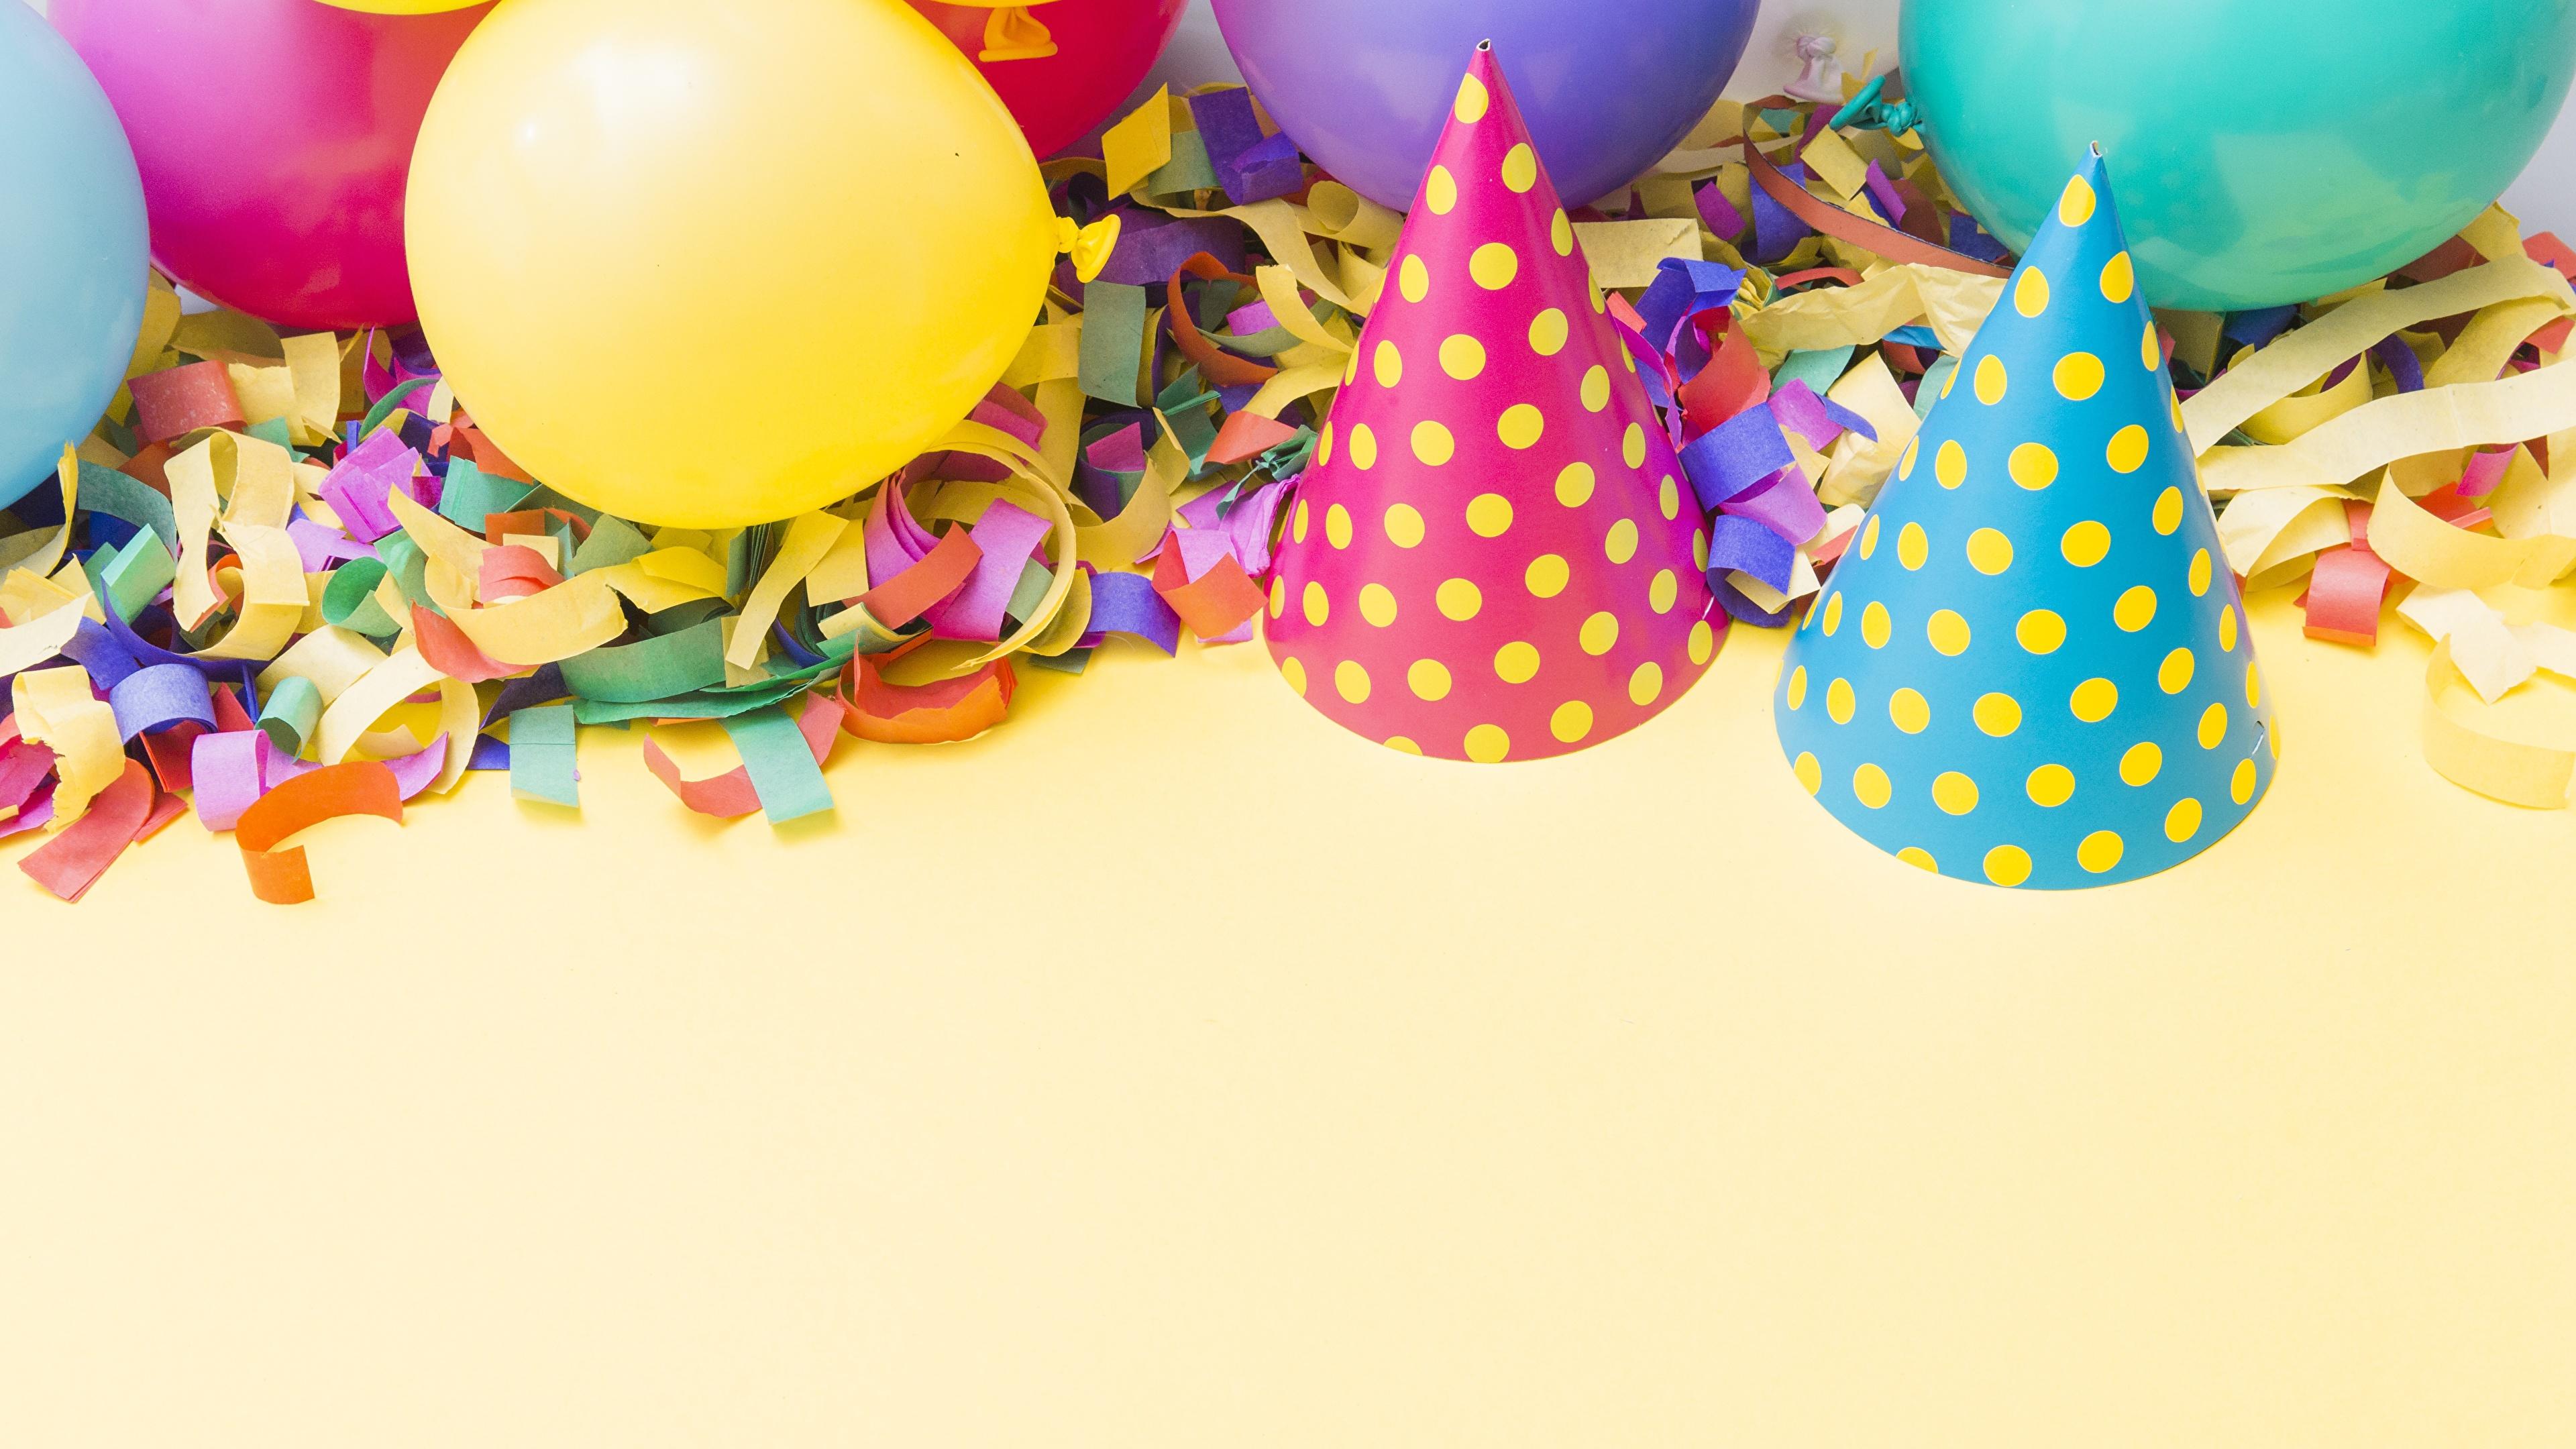 Картинка День рождения Праздники 3840x2160